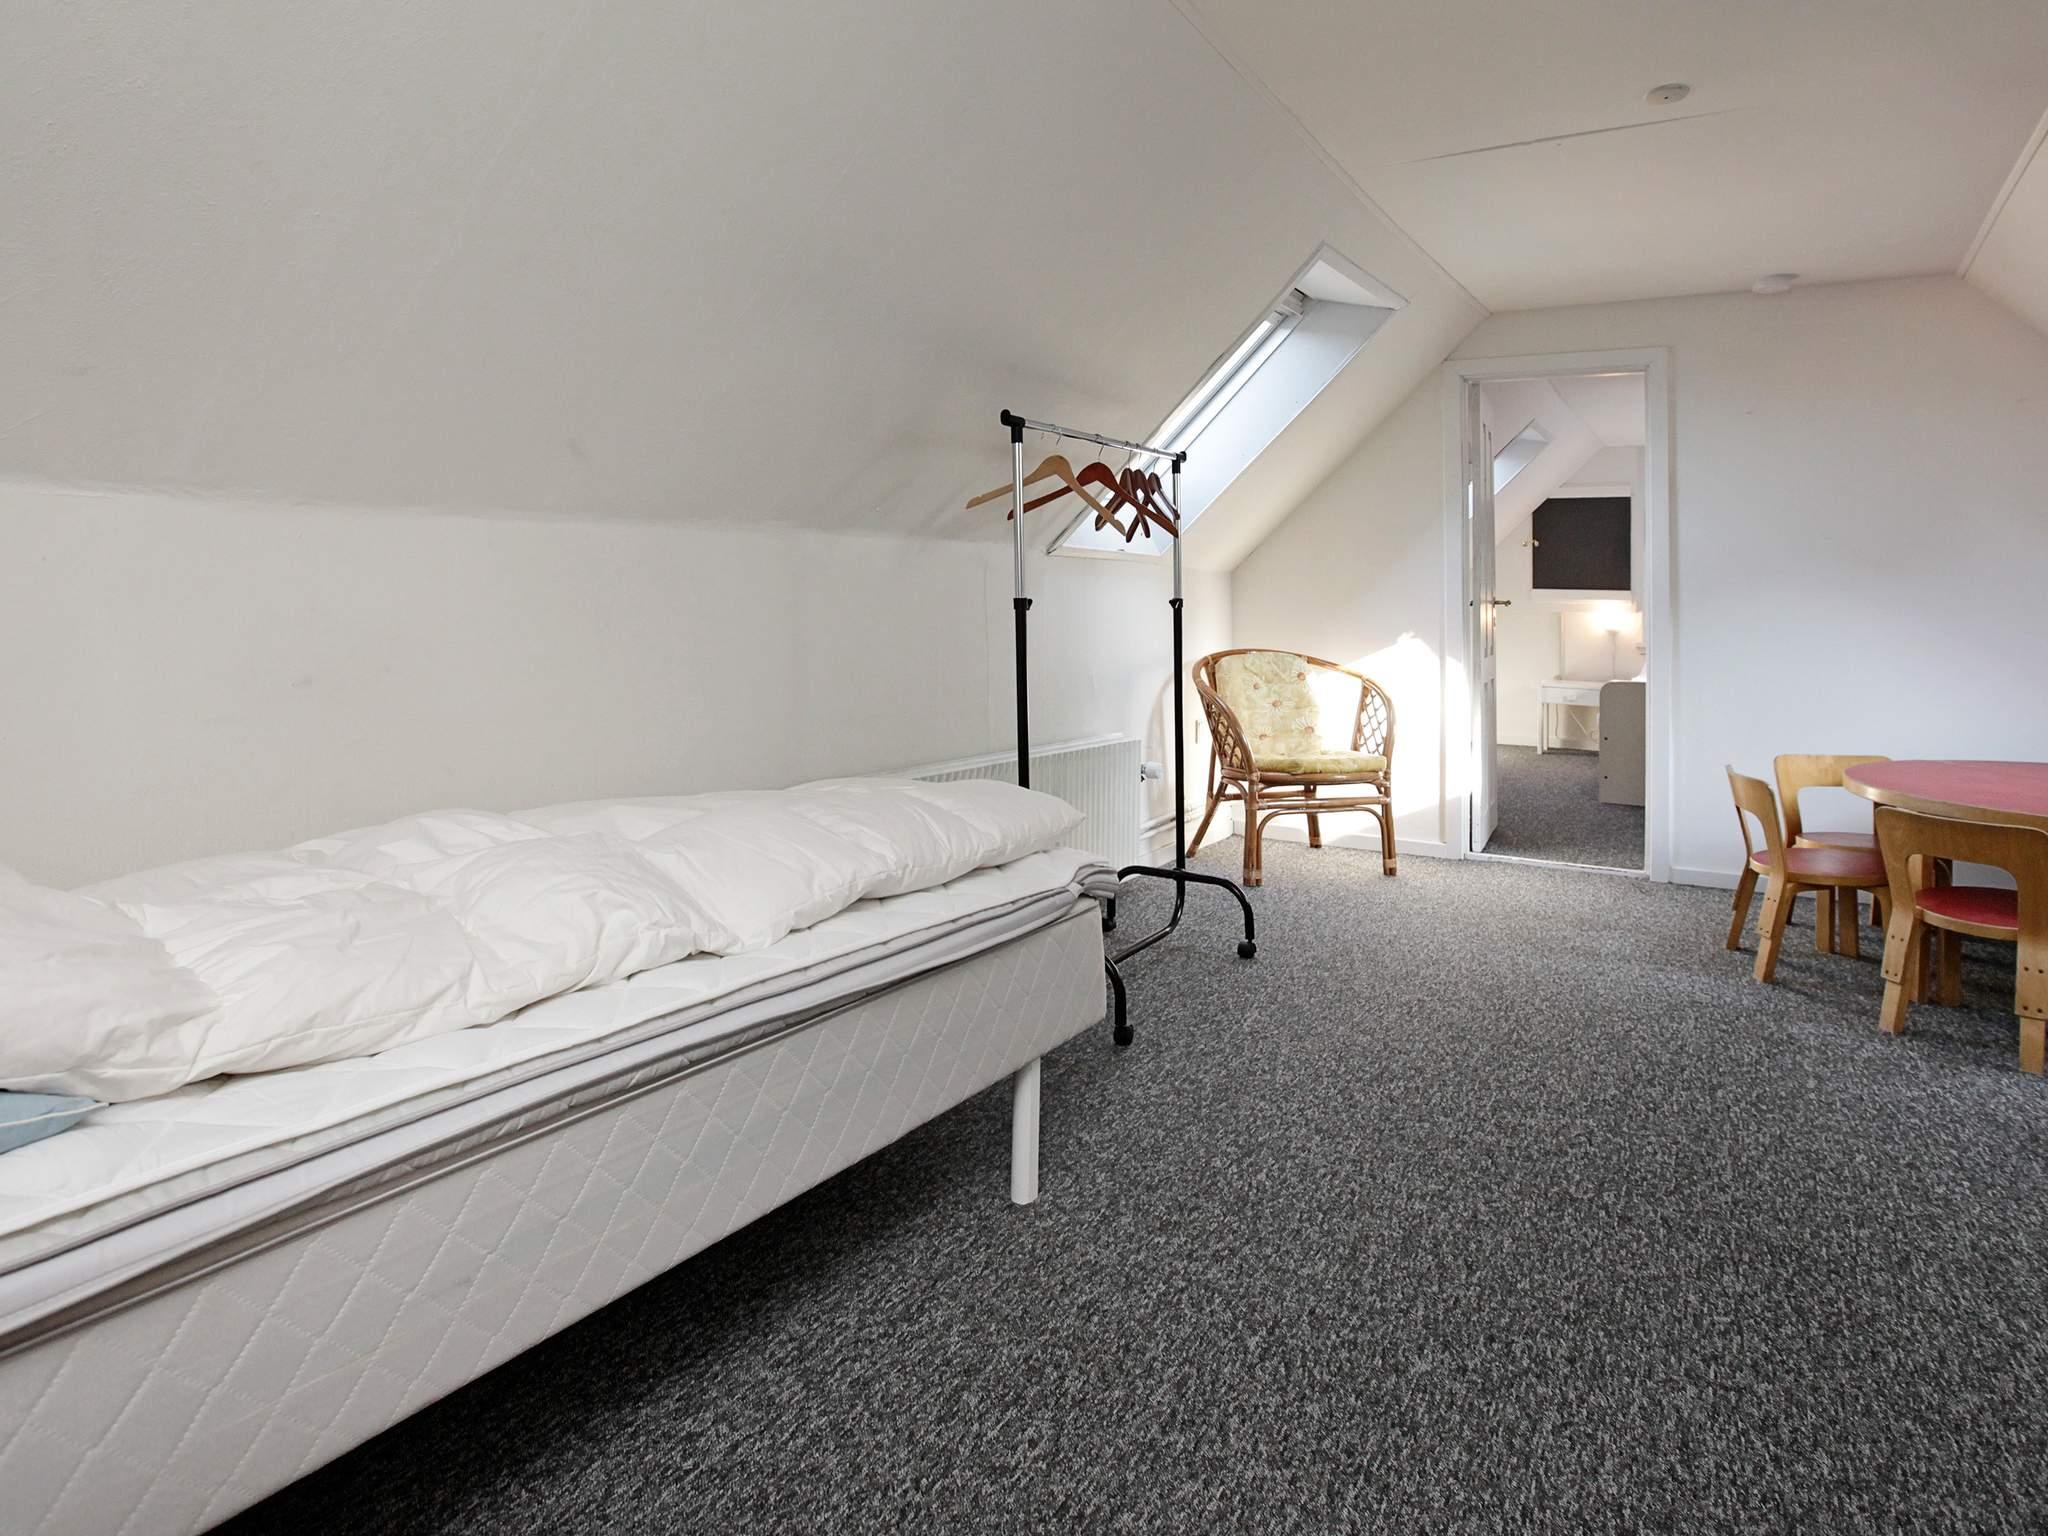 Ferienhaus Silkeborg (85569), Silkeborg, , Ostjütland, Dänemark, Bild 13